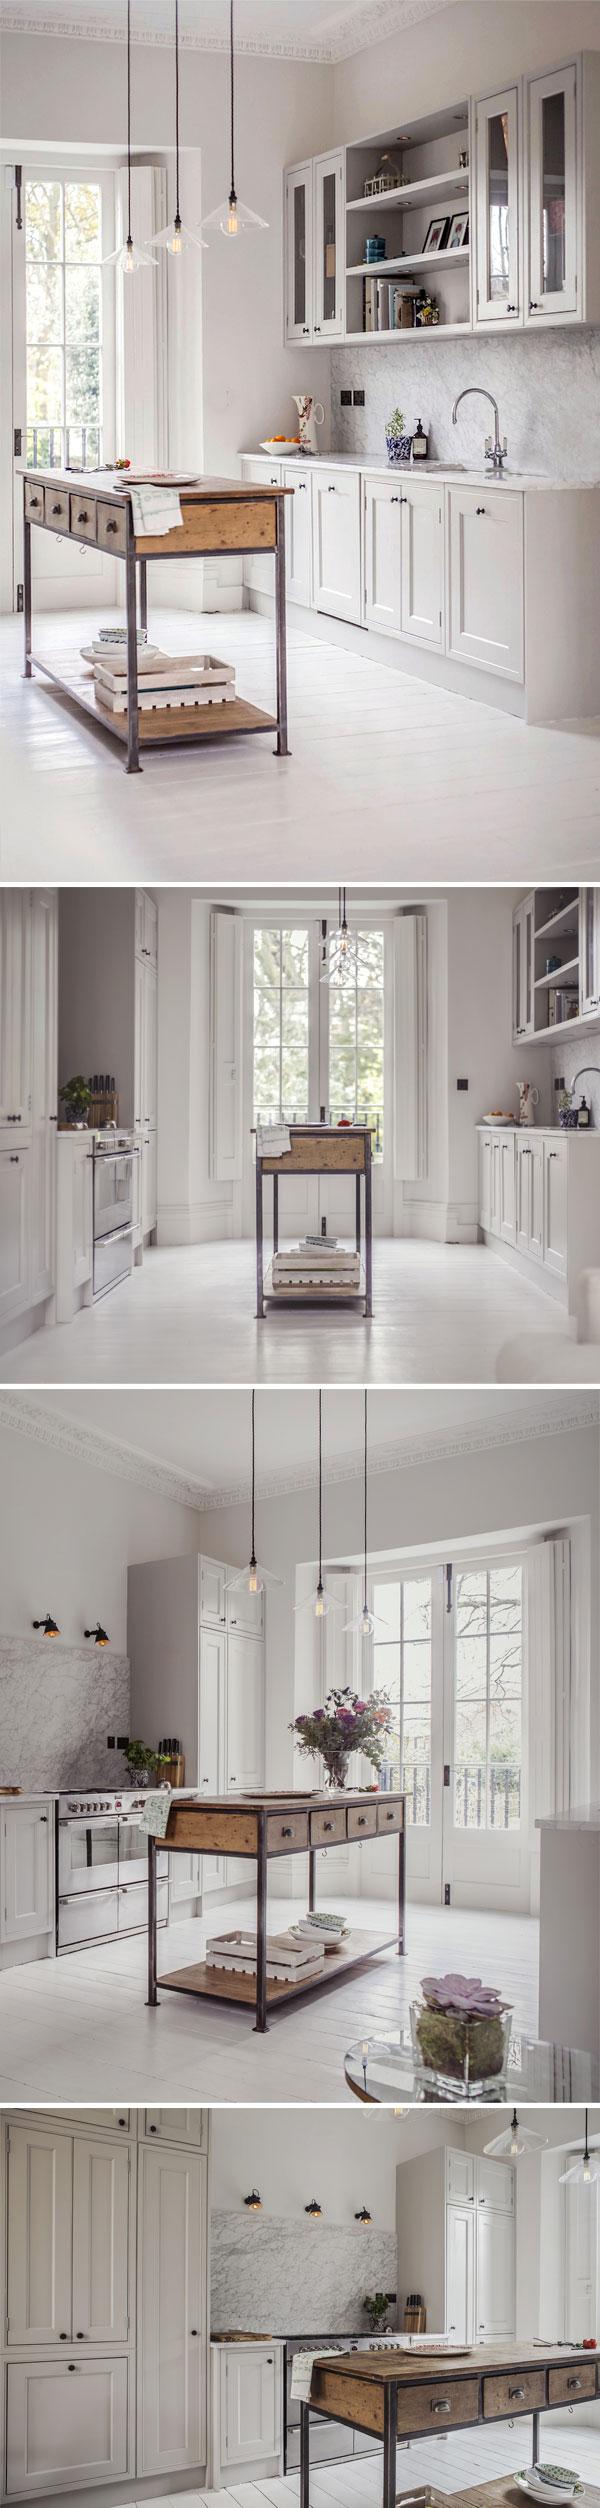 Uma cozinha linda e neutra | Design by Compass & Rose, photos by Alexis Hamilton